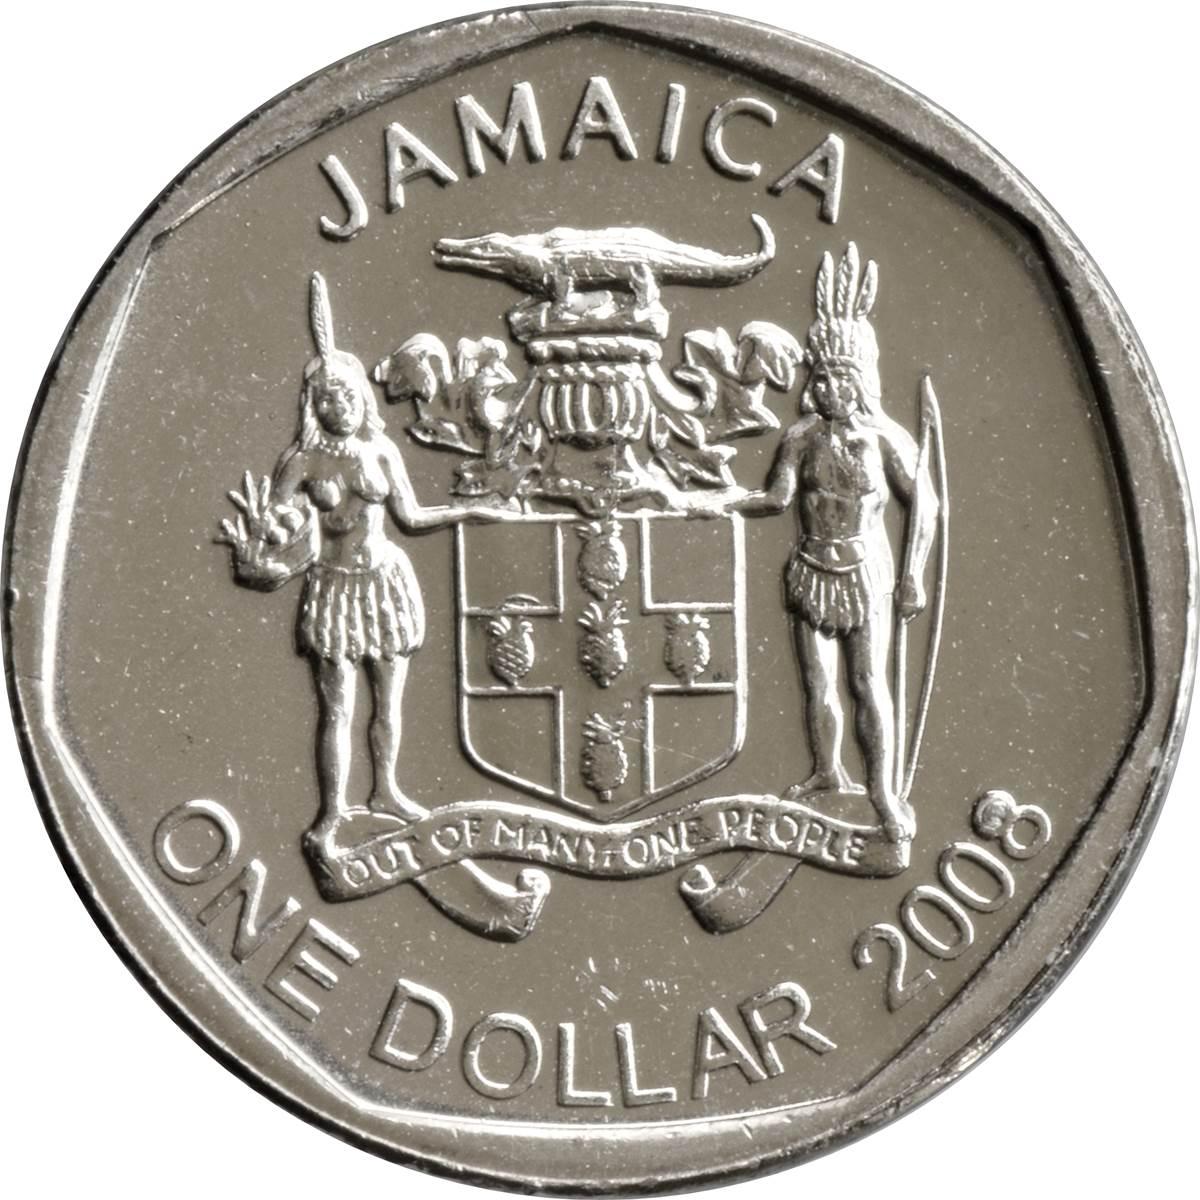 1 Dollar Elizabeth Ii Round